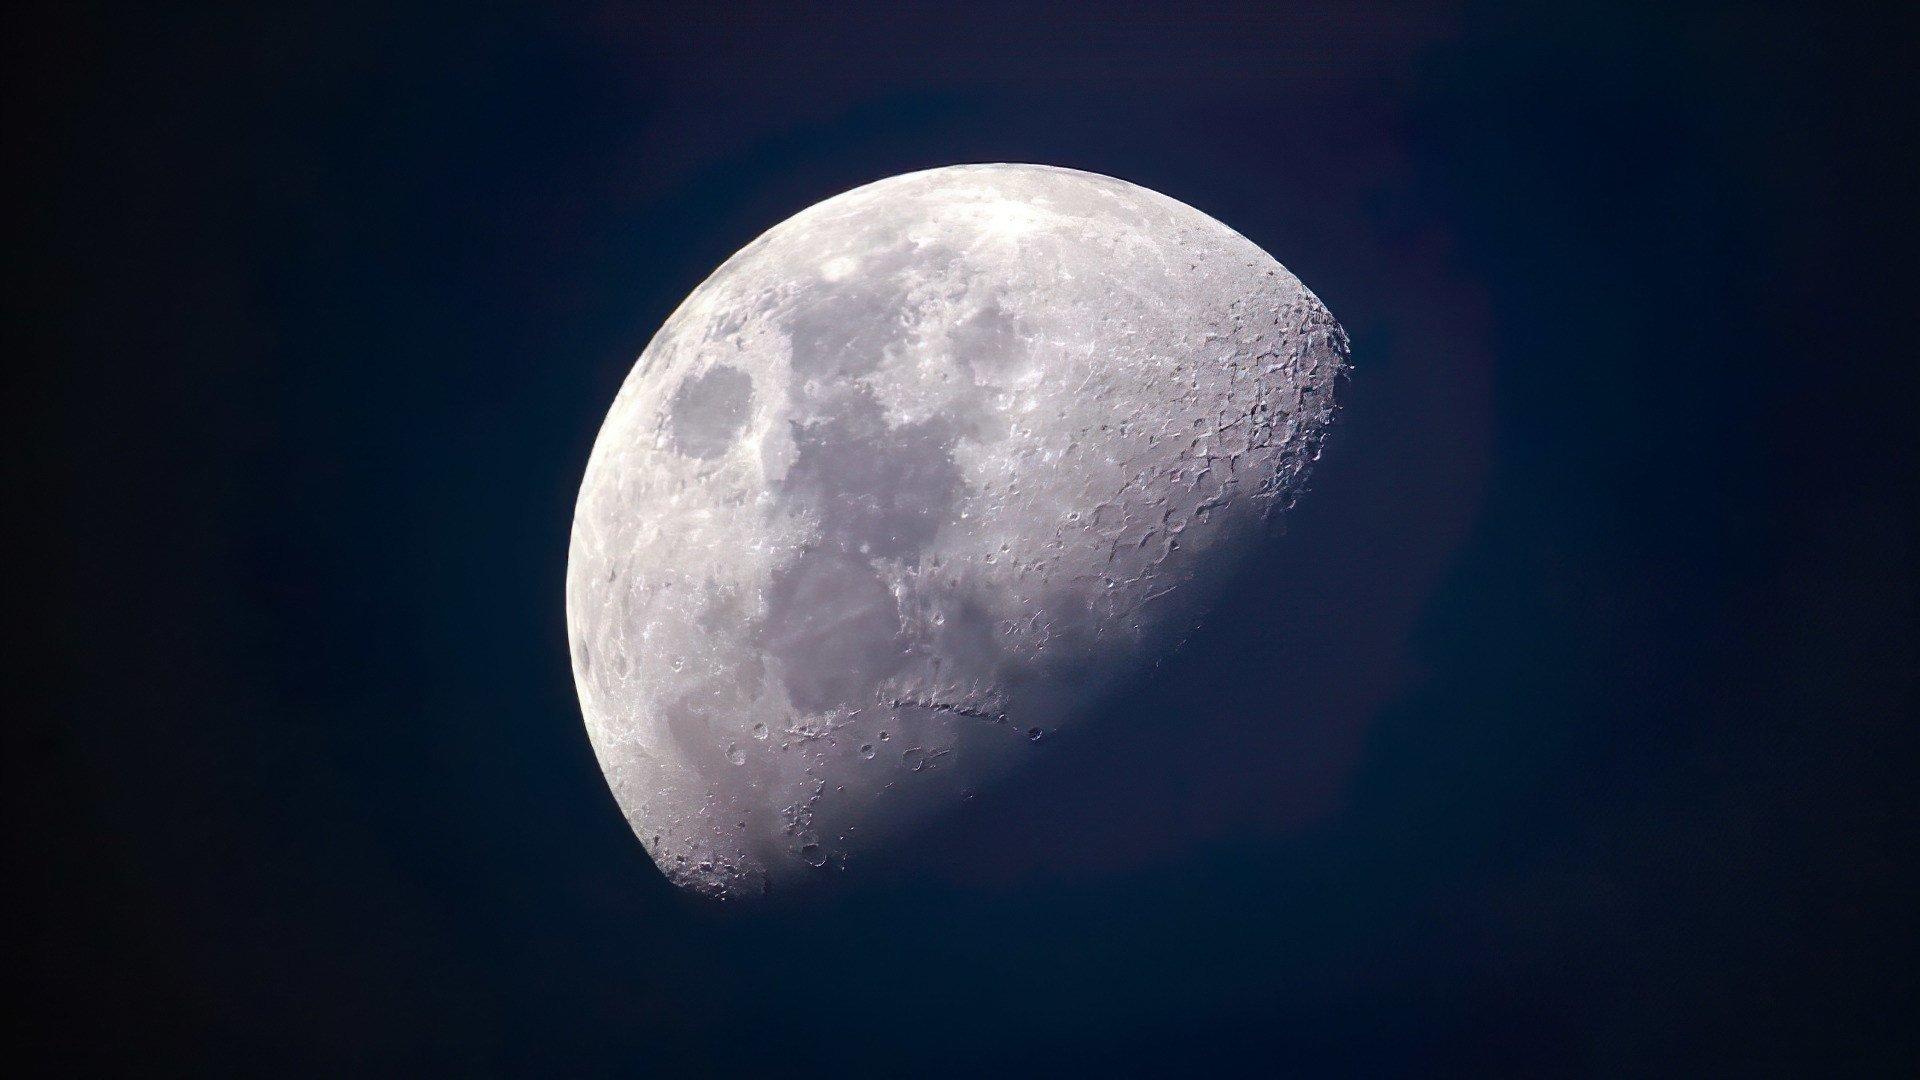 Wissenschaft, Mond, Mondlandung, Mondmission